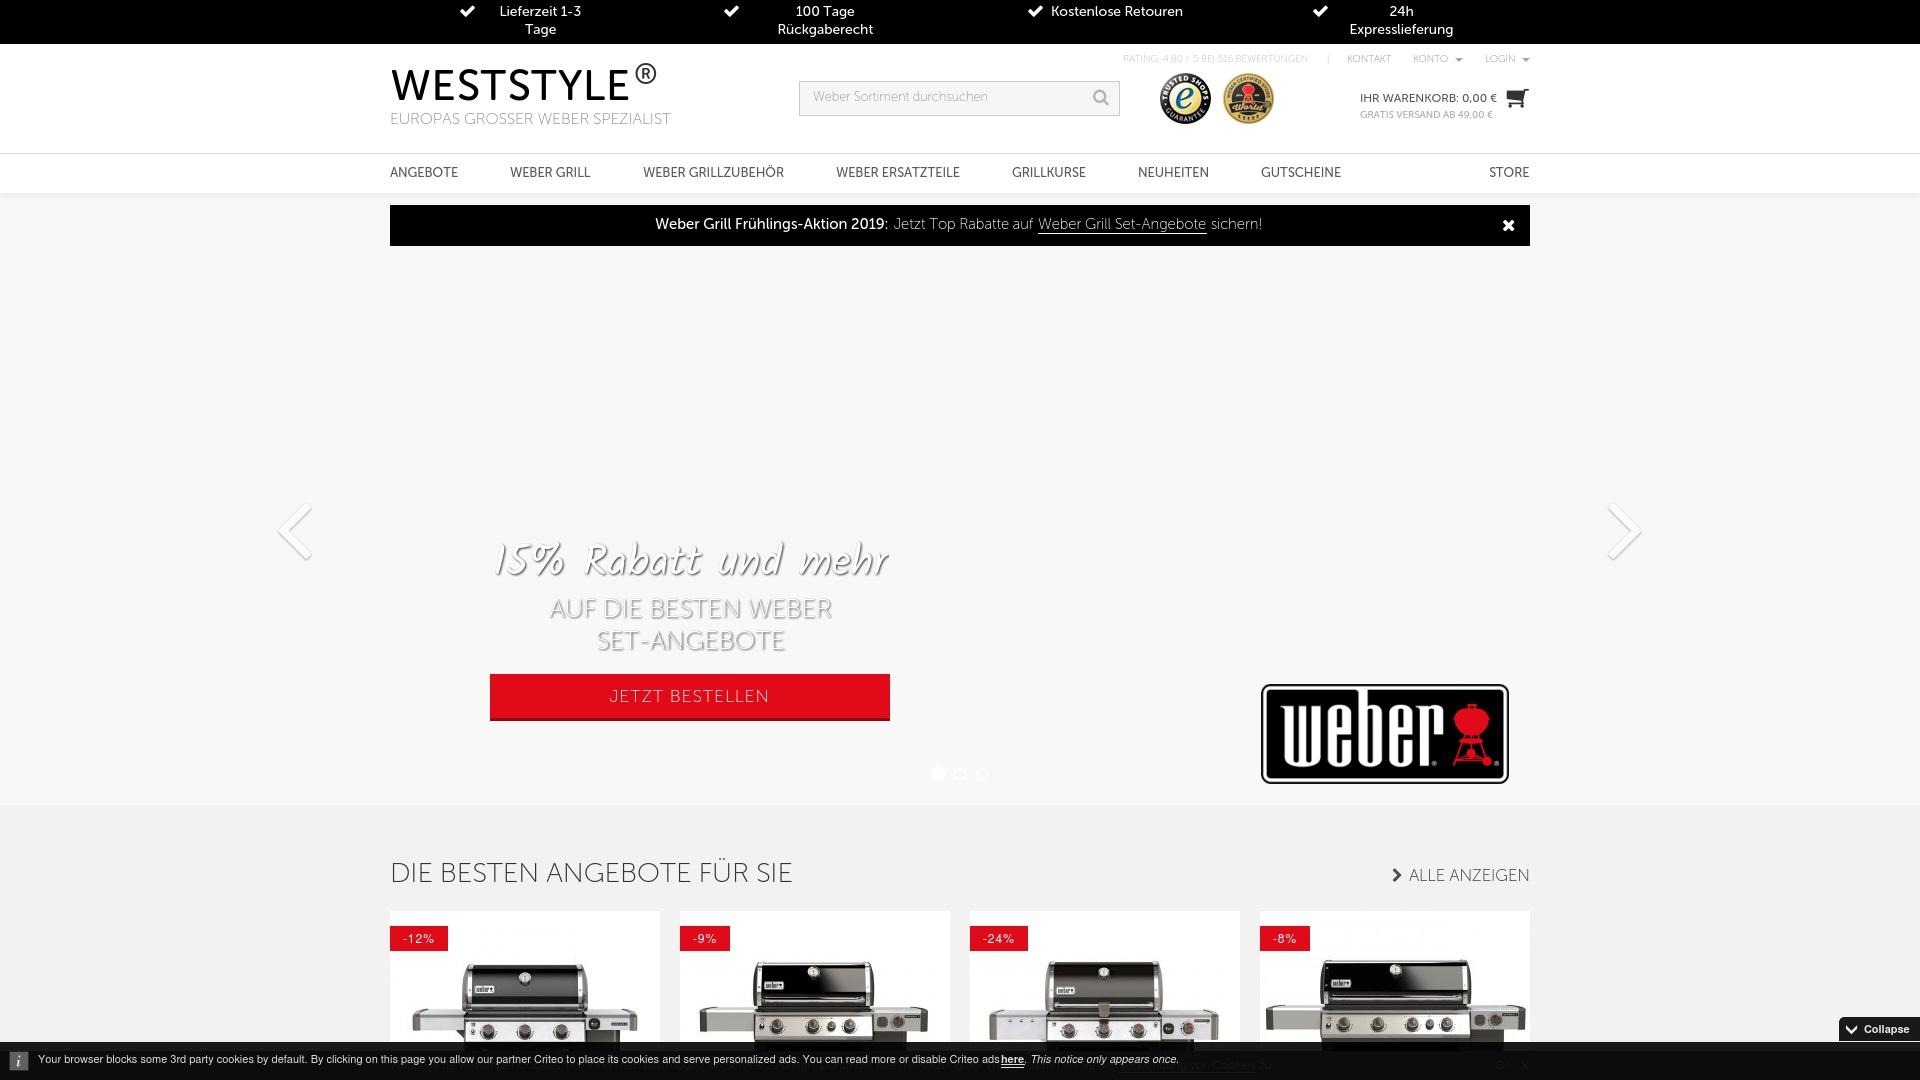 Gutschein für Weststyle: Rabatte für  Weststyle sichern